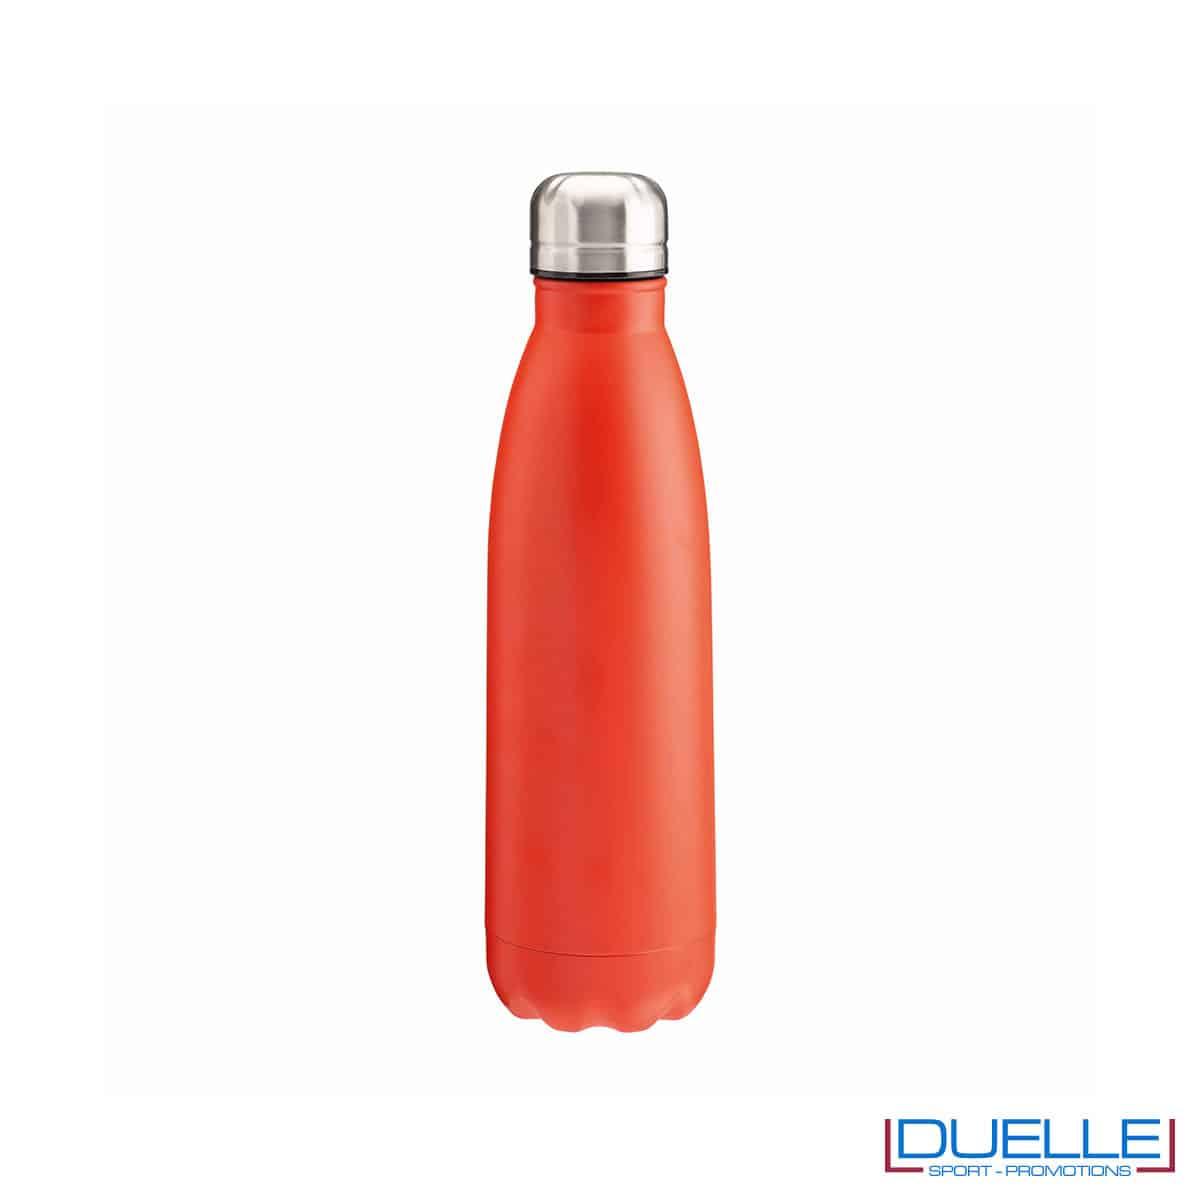 Borraccia termica in acciaio 500 ml colore rosso personalizzata